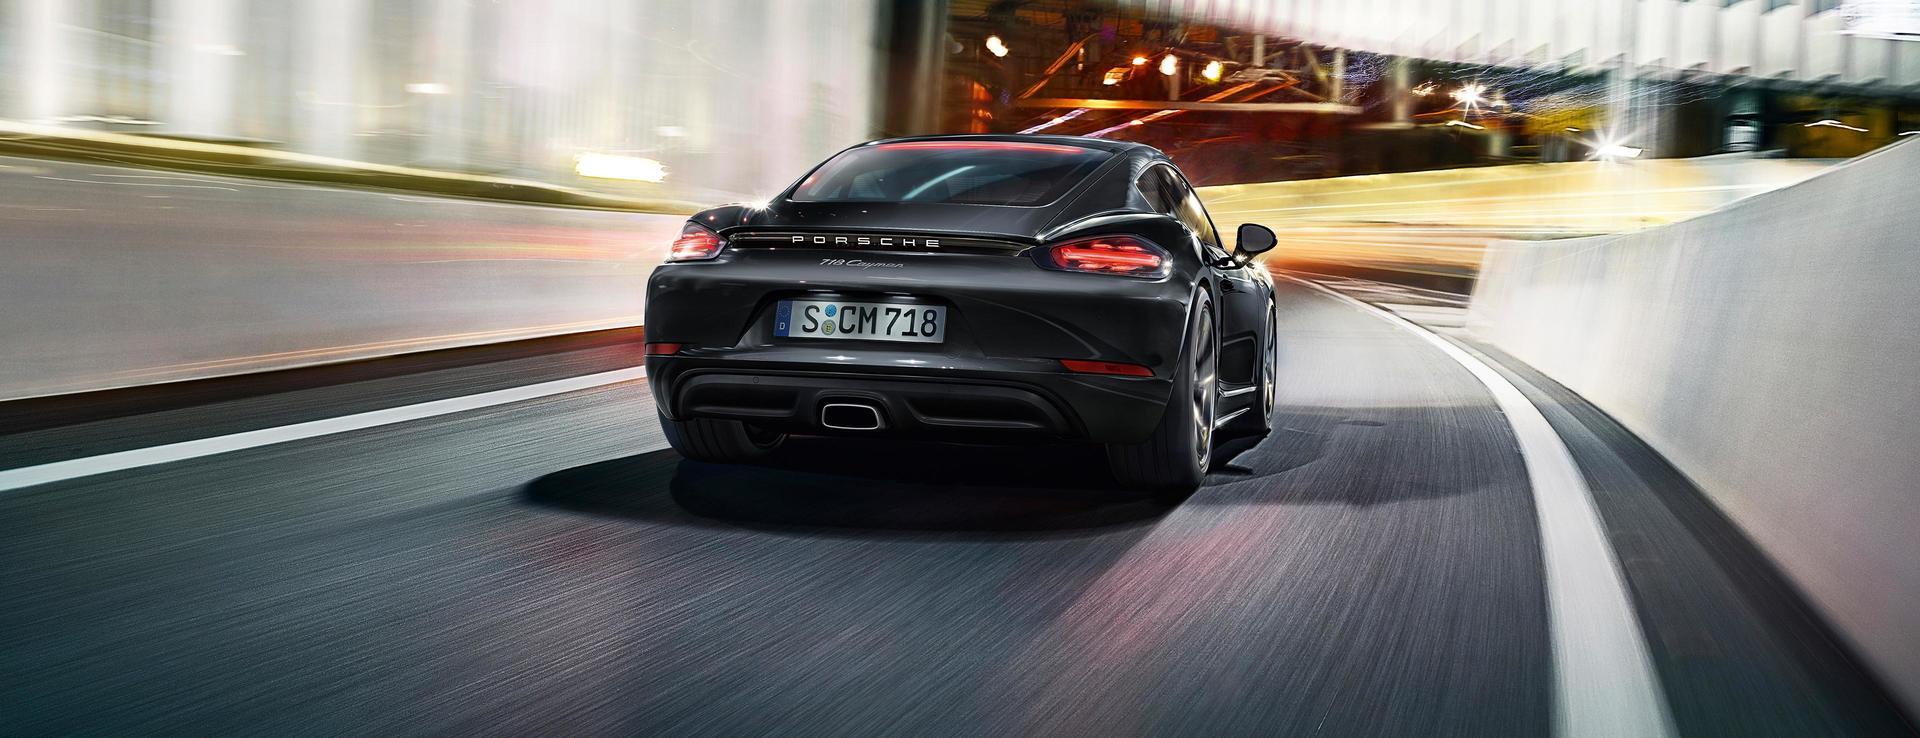 Porsche Việt Nam giới thiệu điểm đến mới dành cho người hâm mộ xe thể thao 11